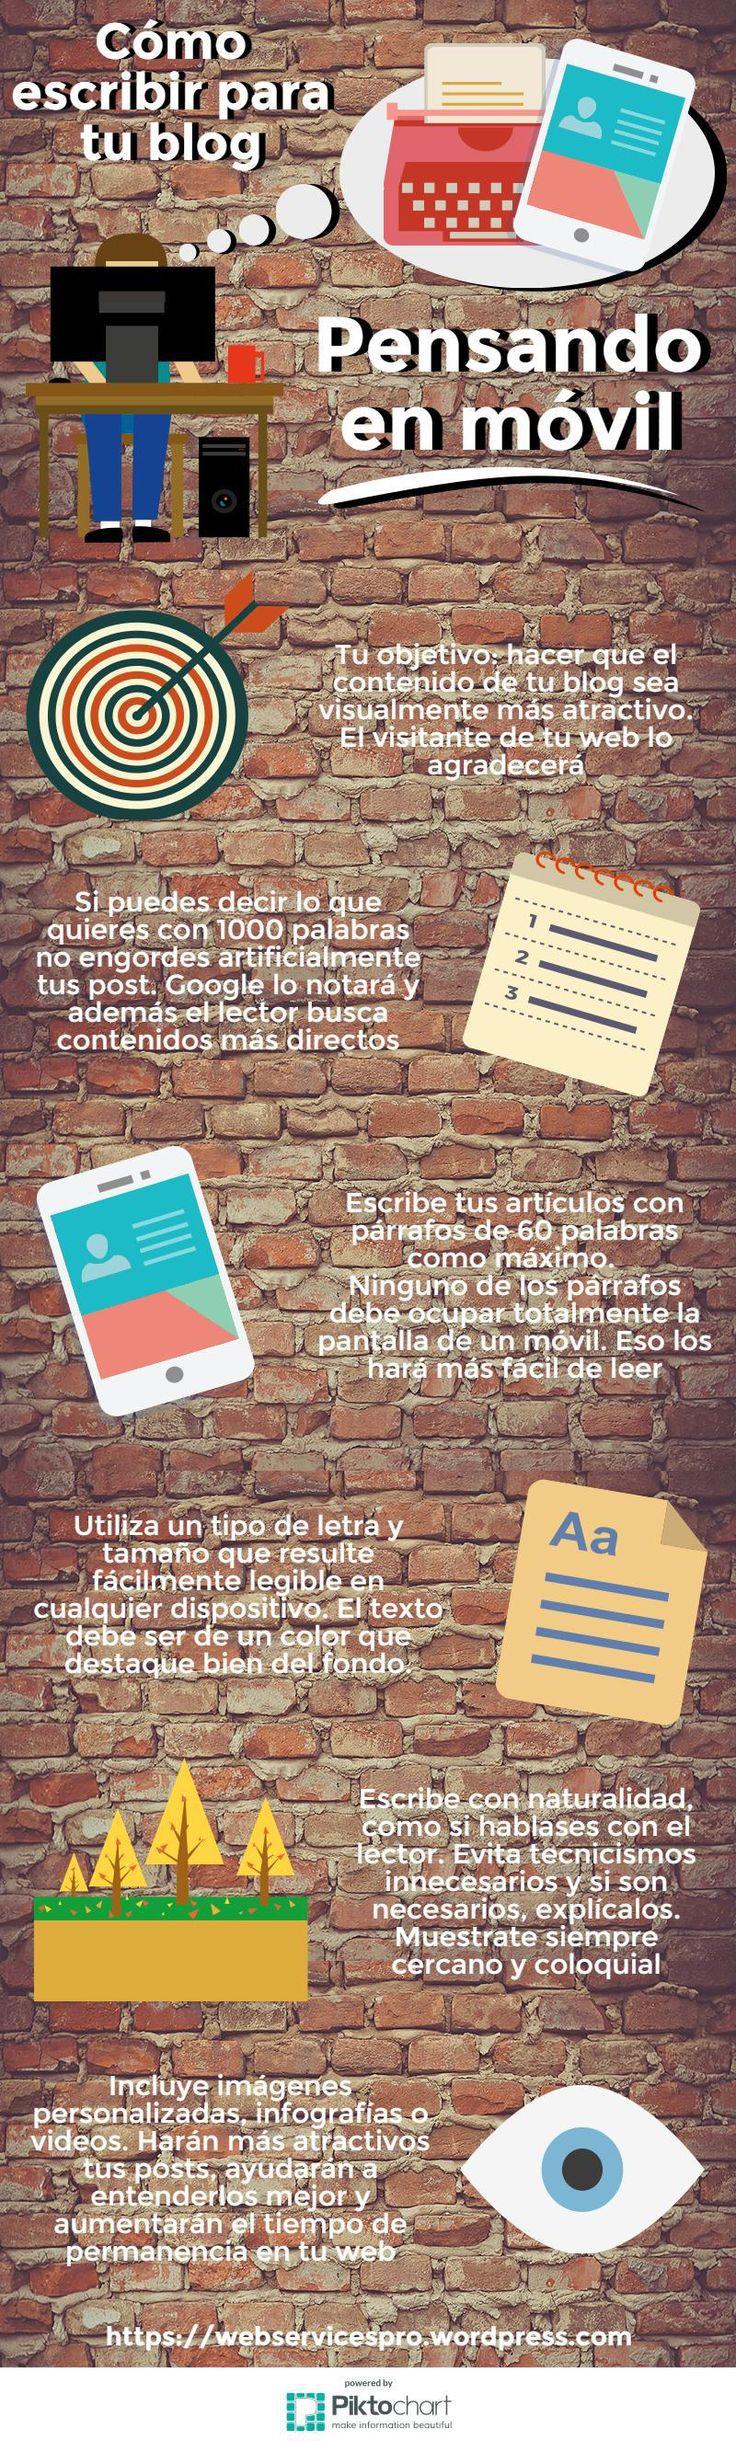 ¿Cómo pensar en móvil al escribir en tu blog? (infografía)